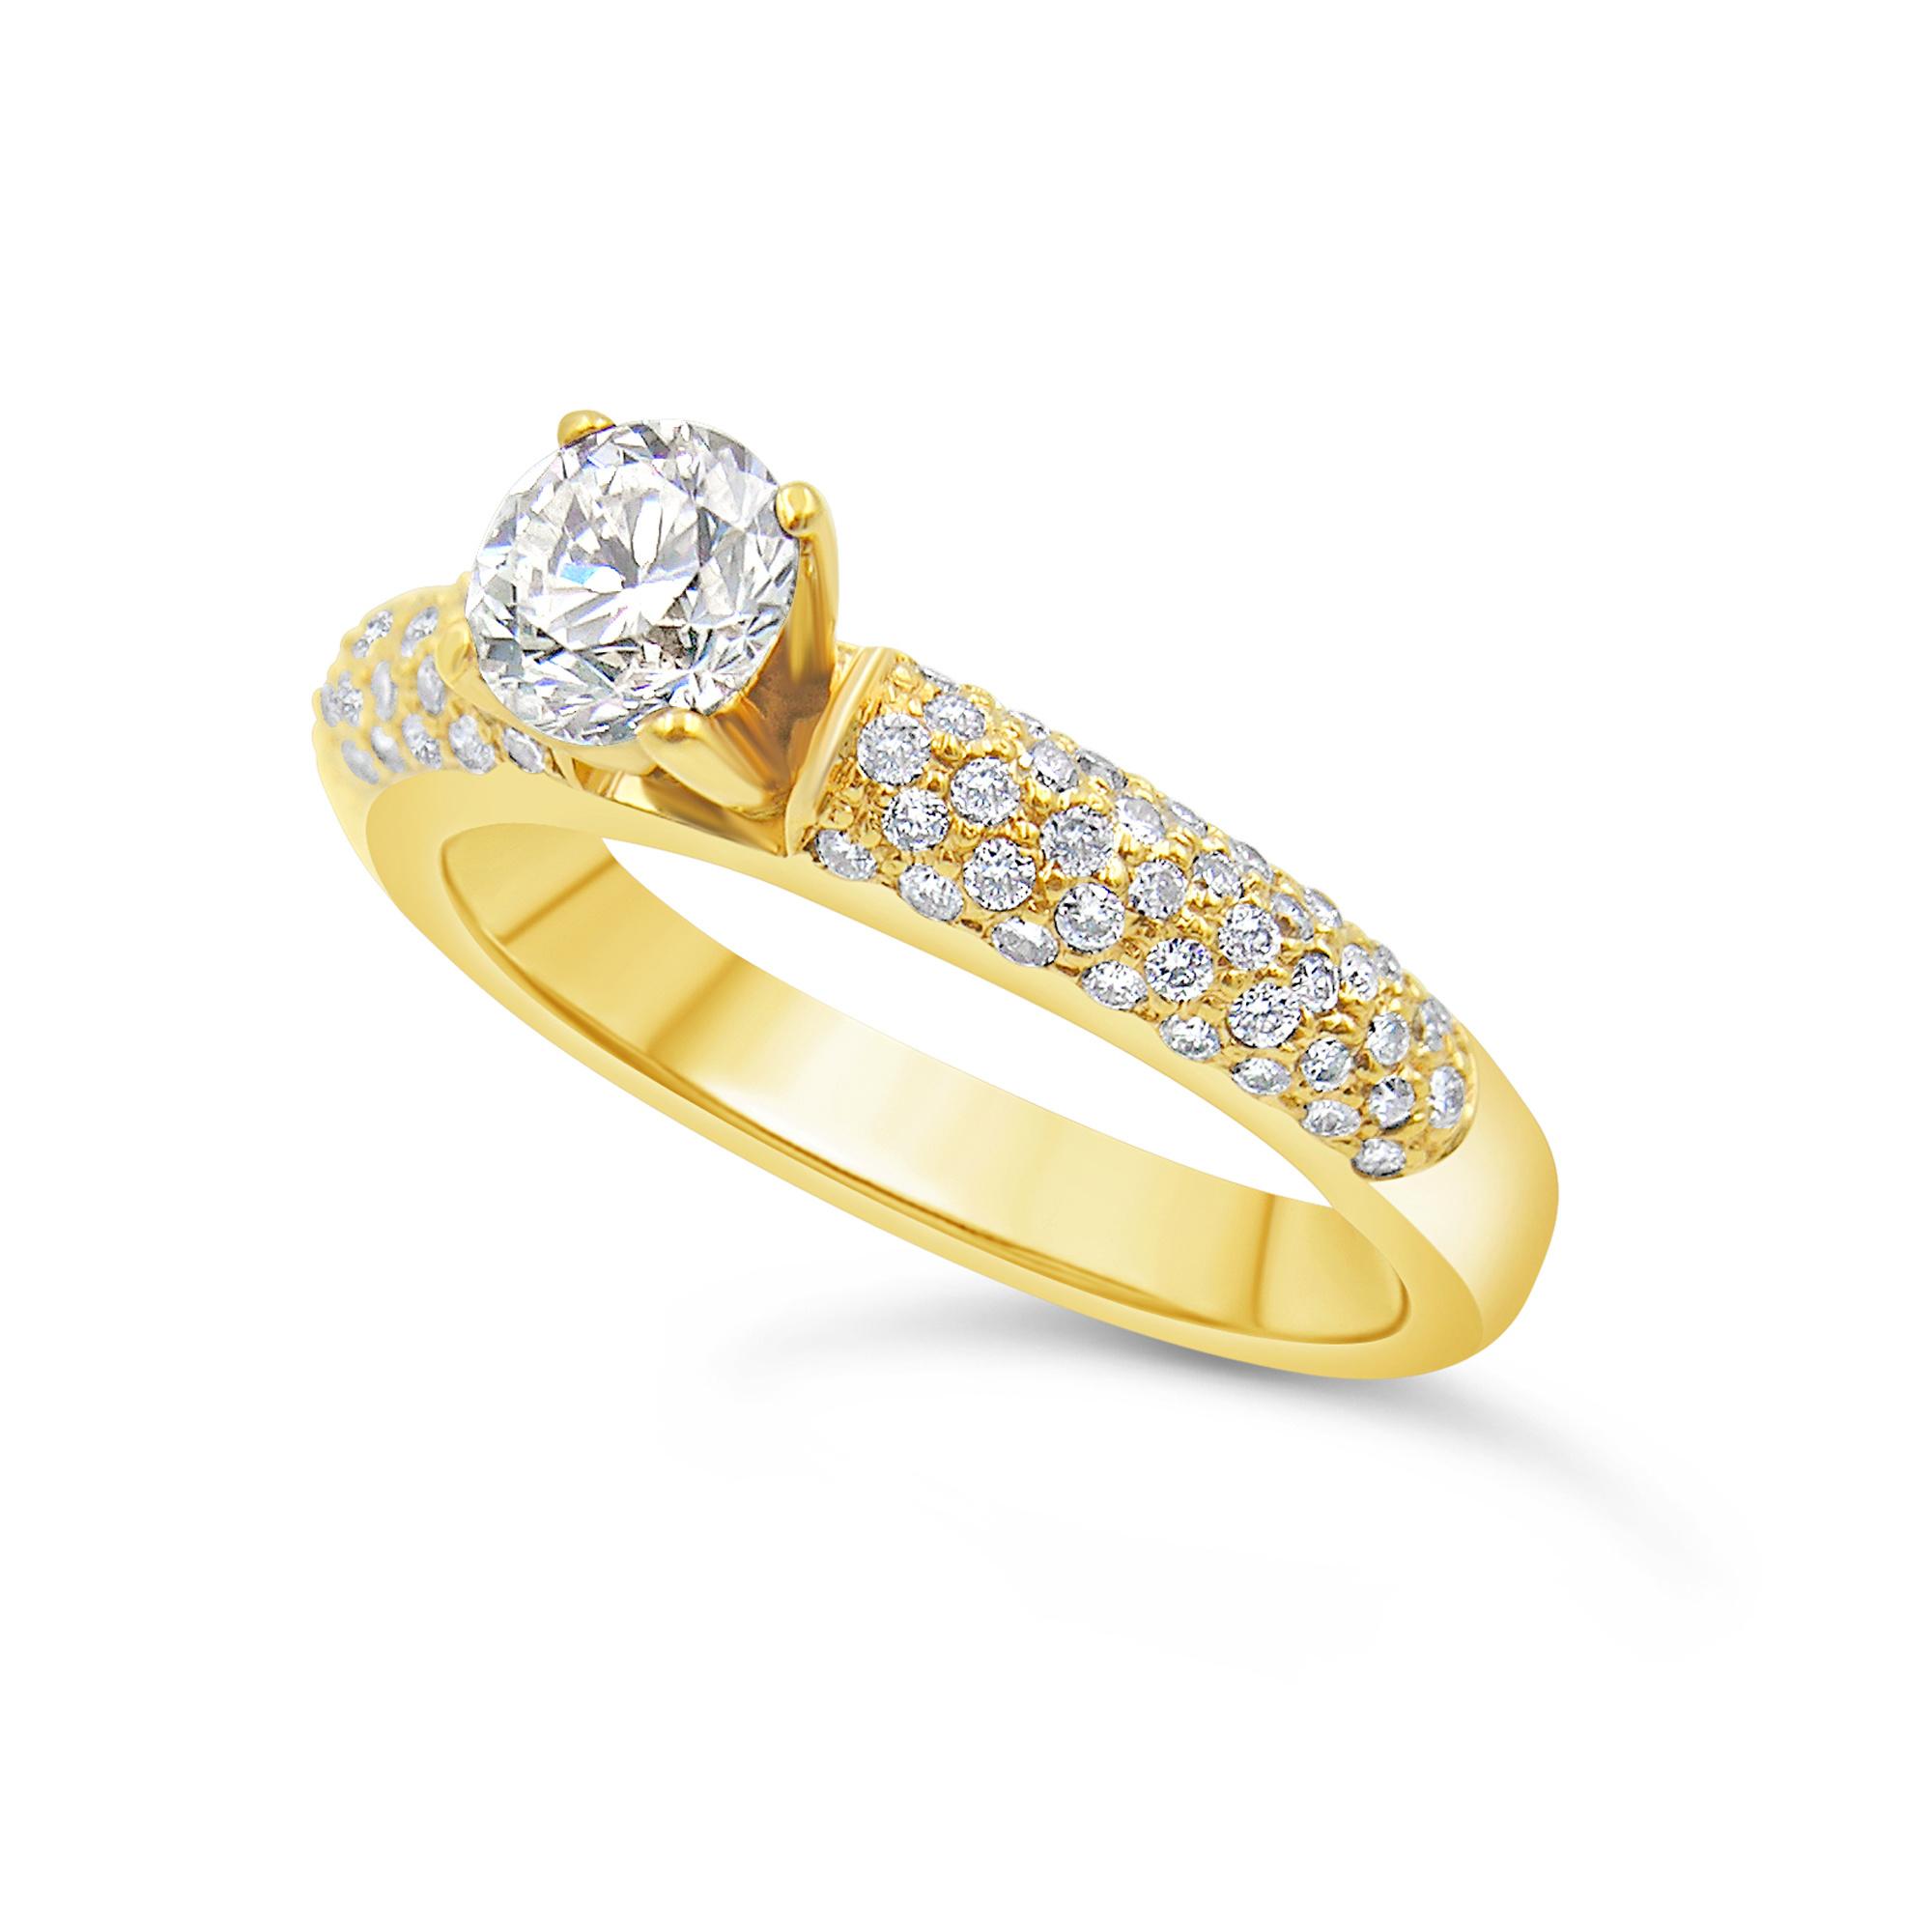 18kt geel goud verlovingsring met 1.14 ct diamanten